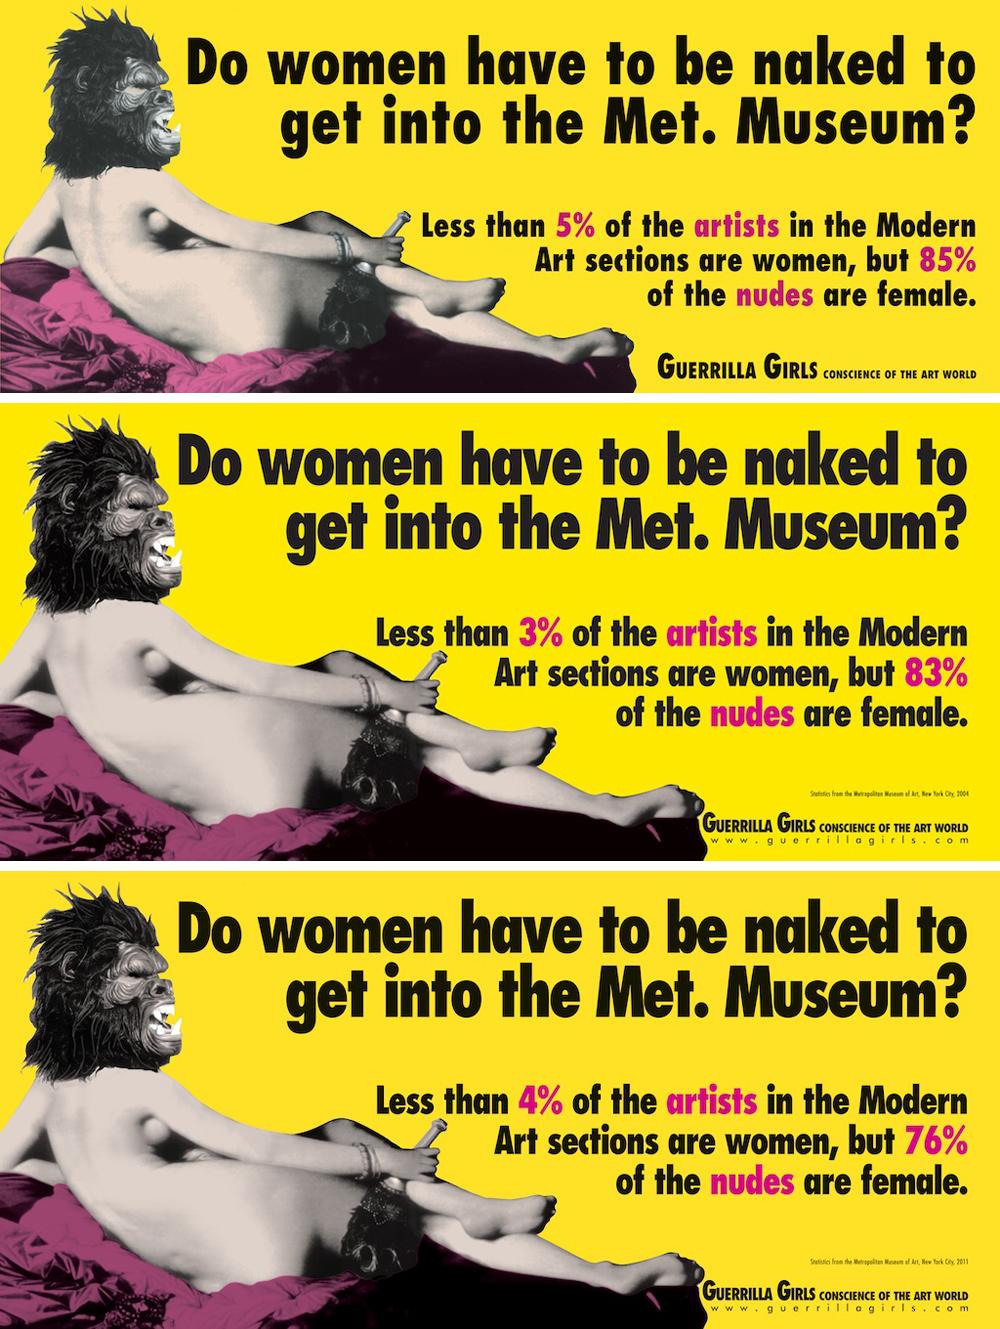 <여성이 메트로폴리탄 미술관에 들어가려면 발가벗어야 하는가?> 1989년 에디션(상), 2005년 에디션(중), 2012년 에디션(하)